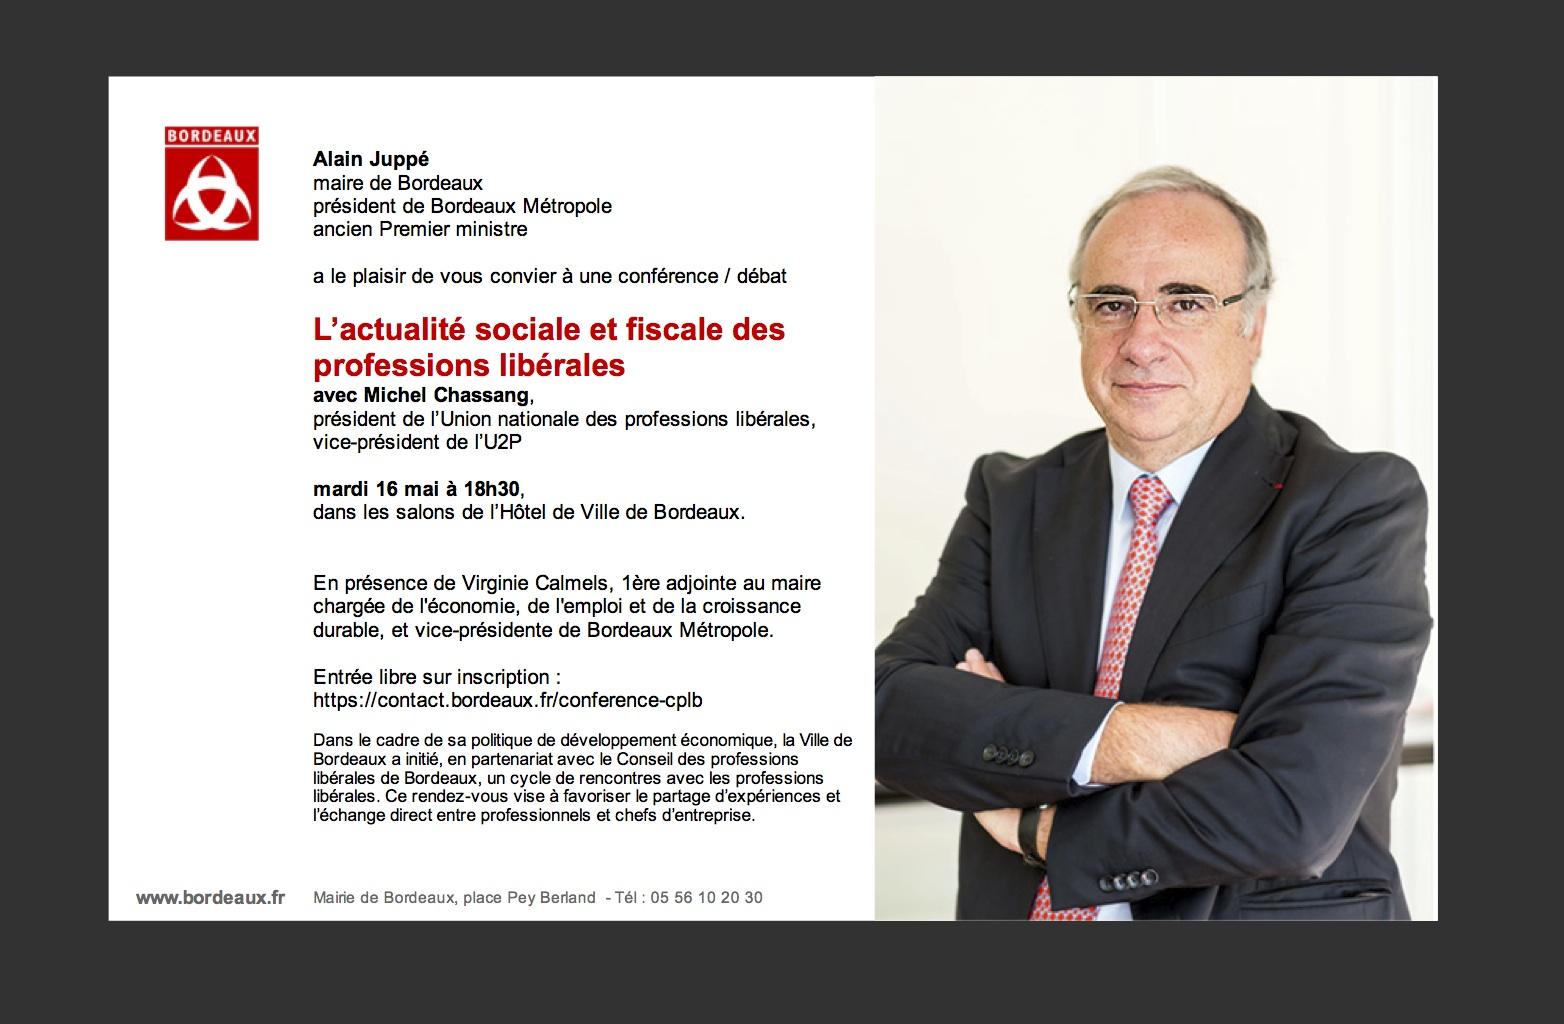 invitation_de_alain_juppe.jpg